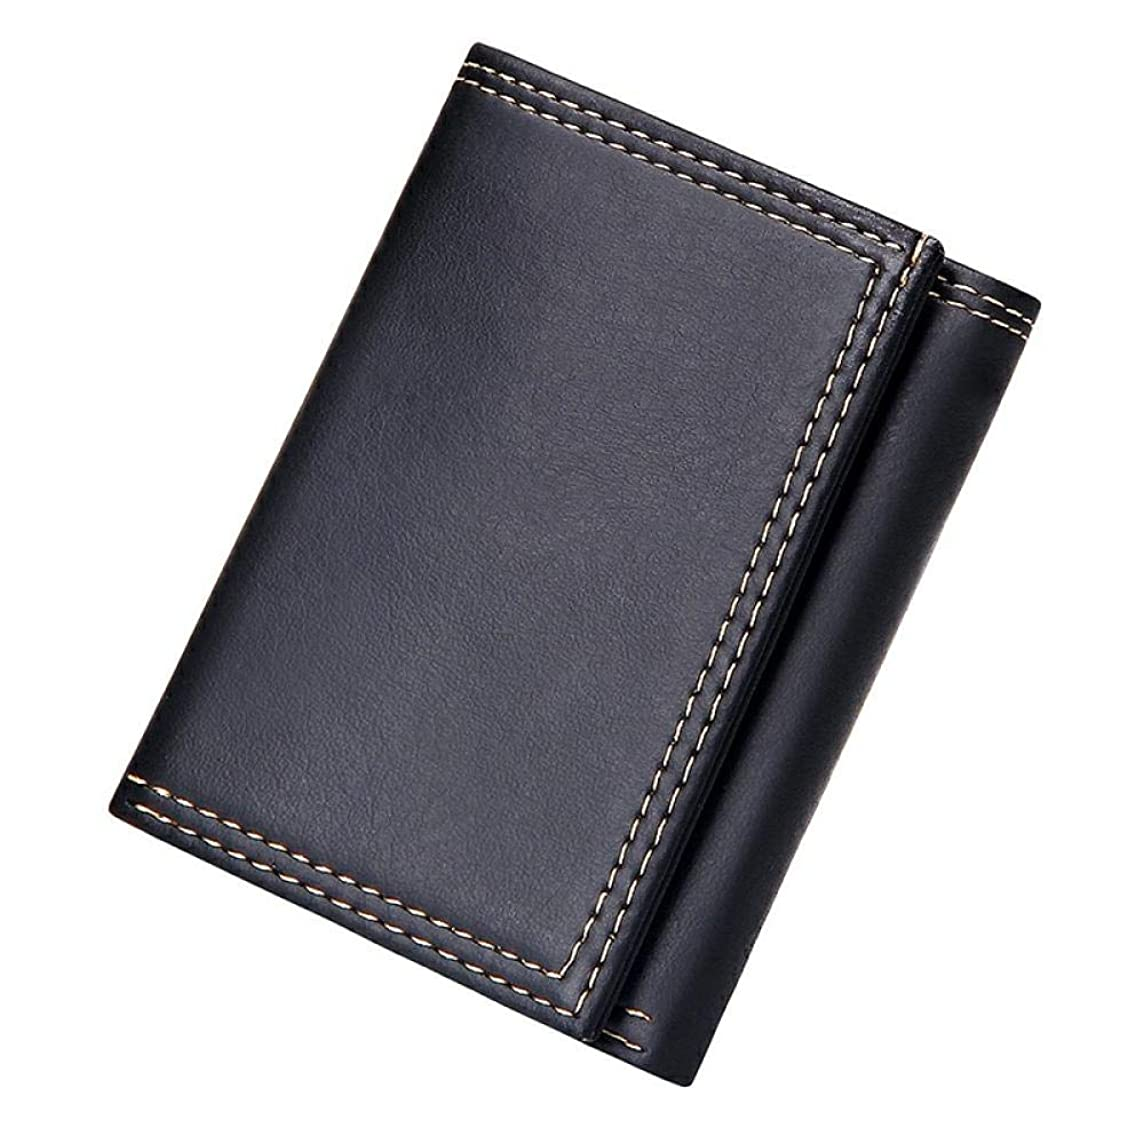 どちらもギャング忠実メンズ革財布メンズウォレットメンズレザークレジットカードホルダー3つ折りウォレット